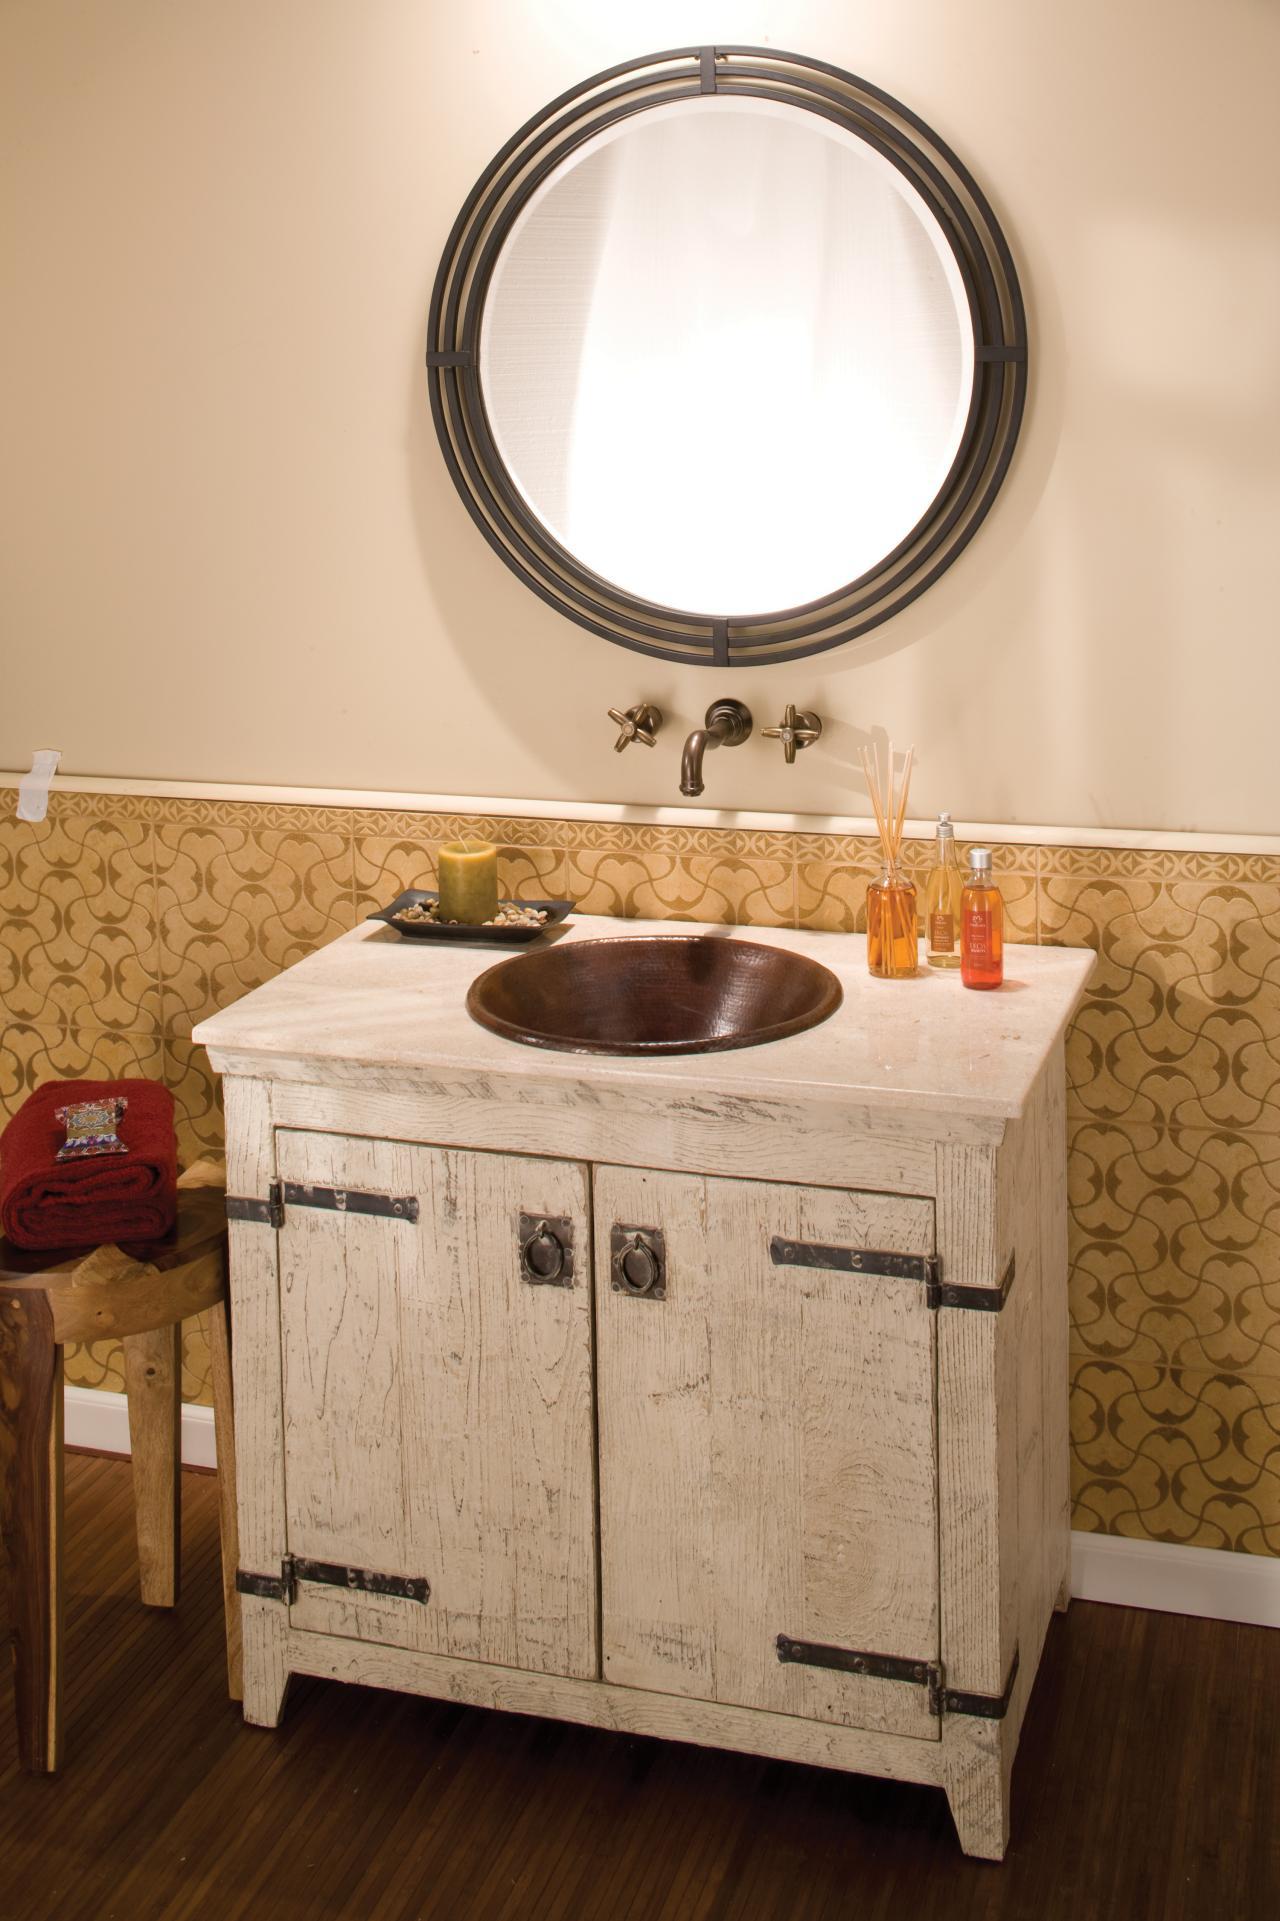 Choosing Bathroom Cabinets #1: